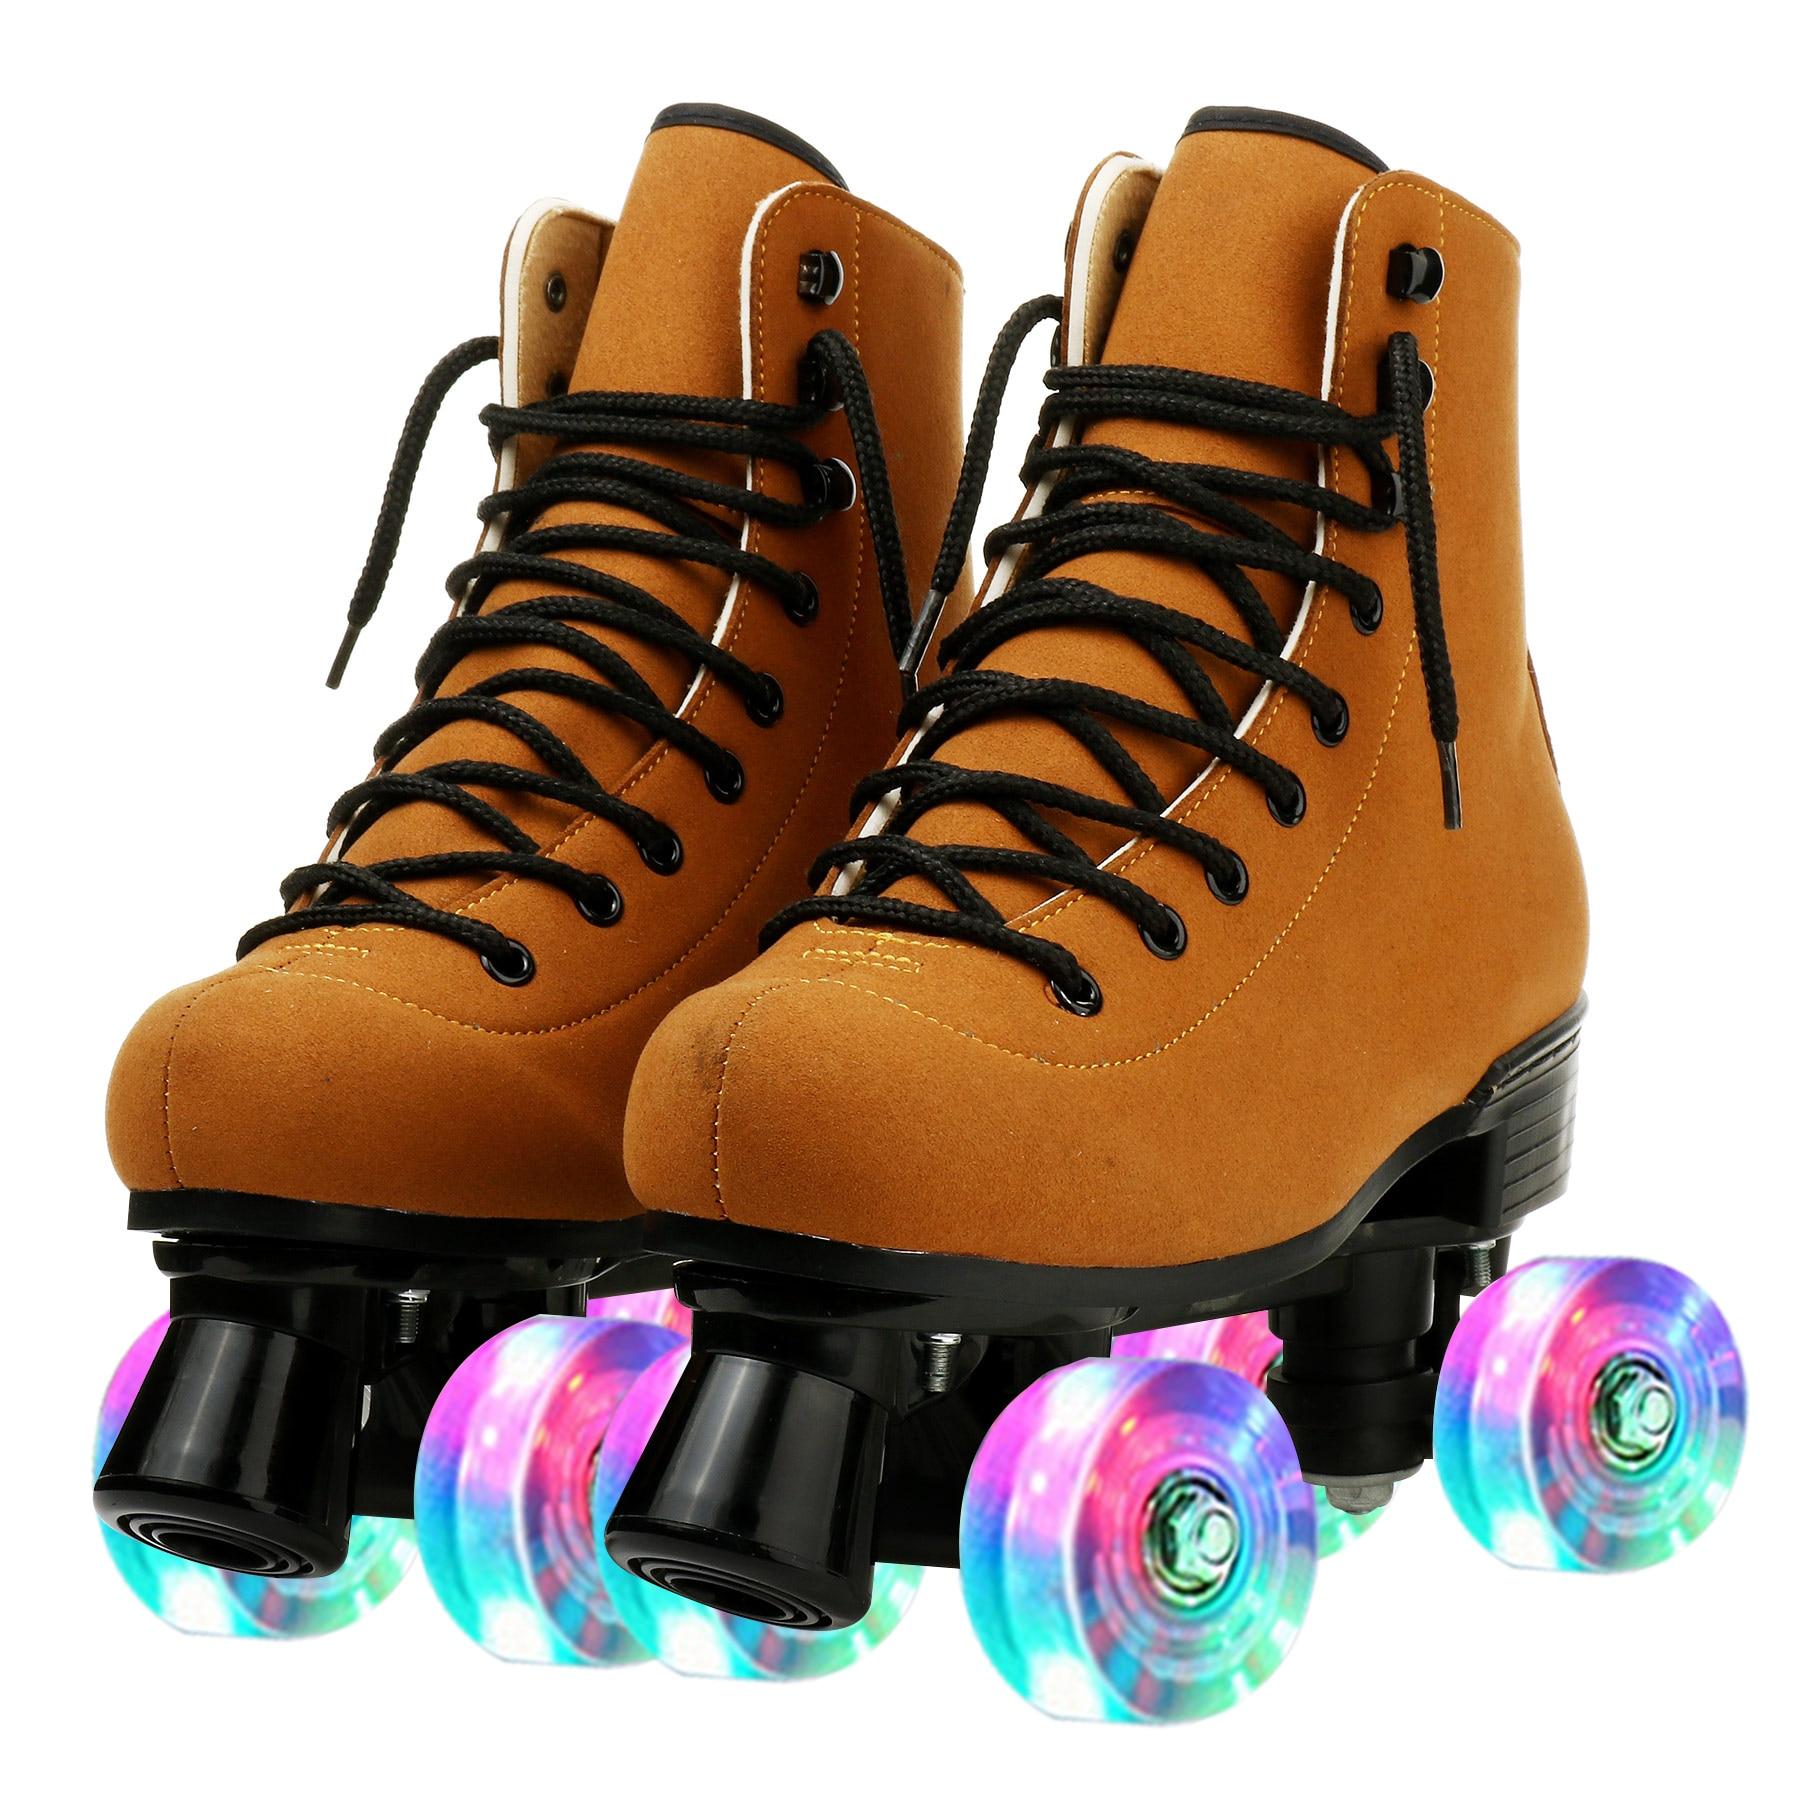 Из искусственной кожи роликовые коньки, роликовые коньки, обувь для начинающих на открытом воздухе, Встроенные коньки, взрослые двухрядные ...